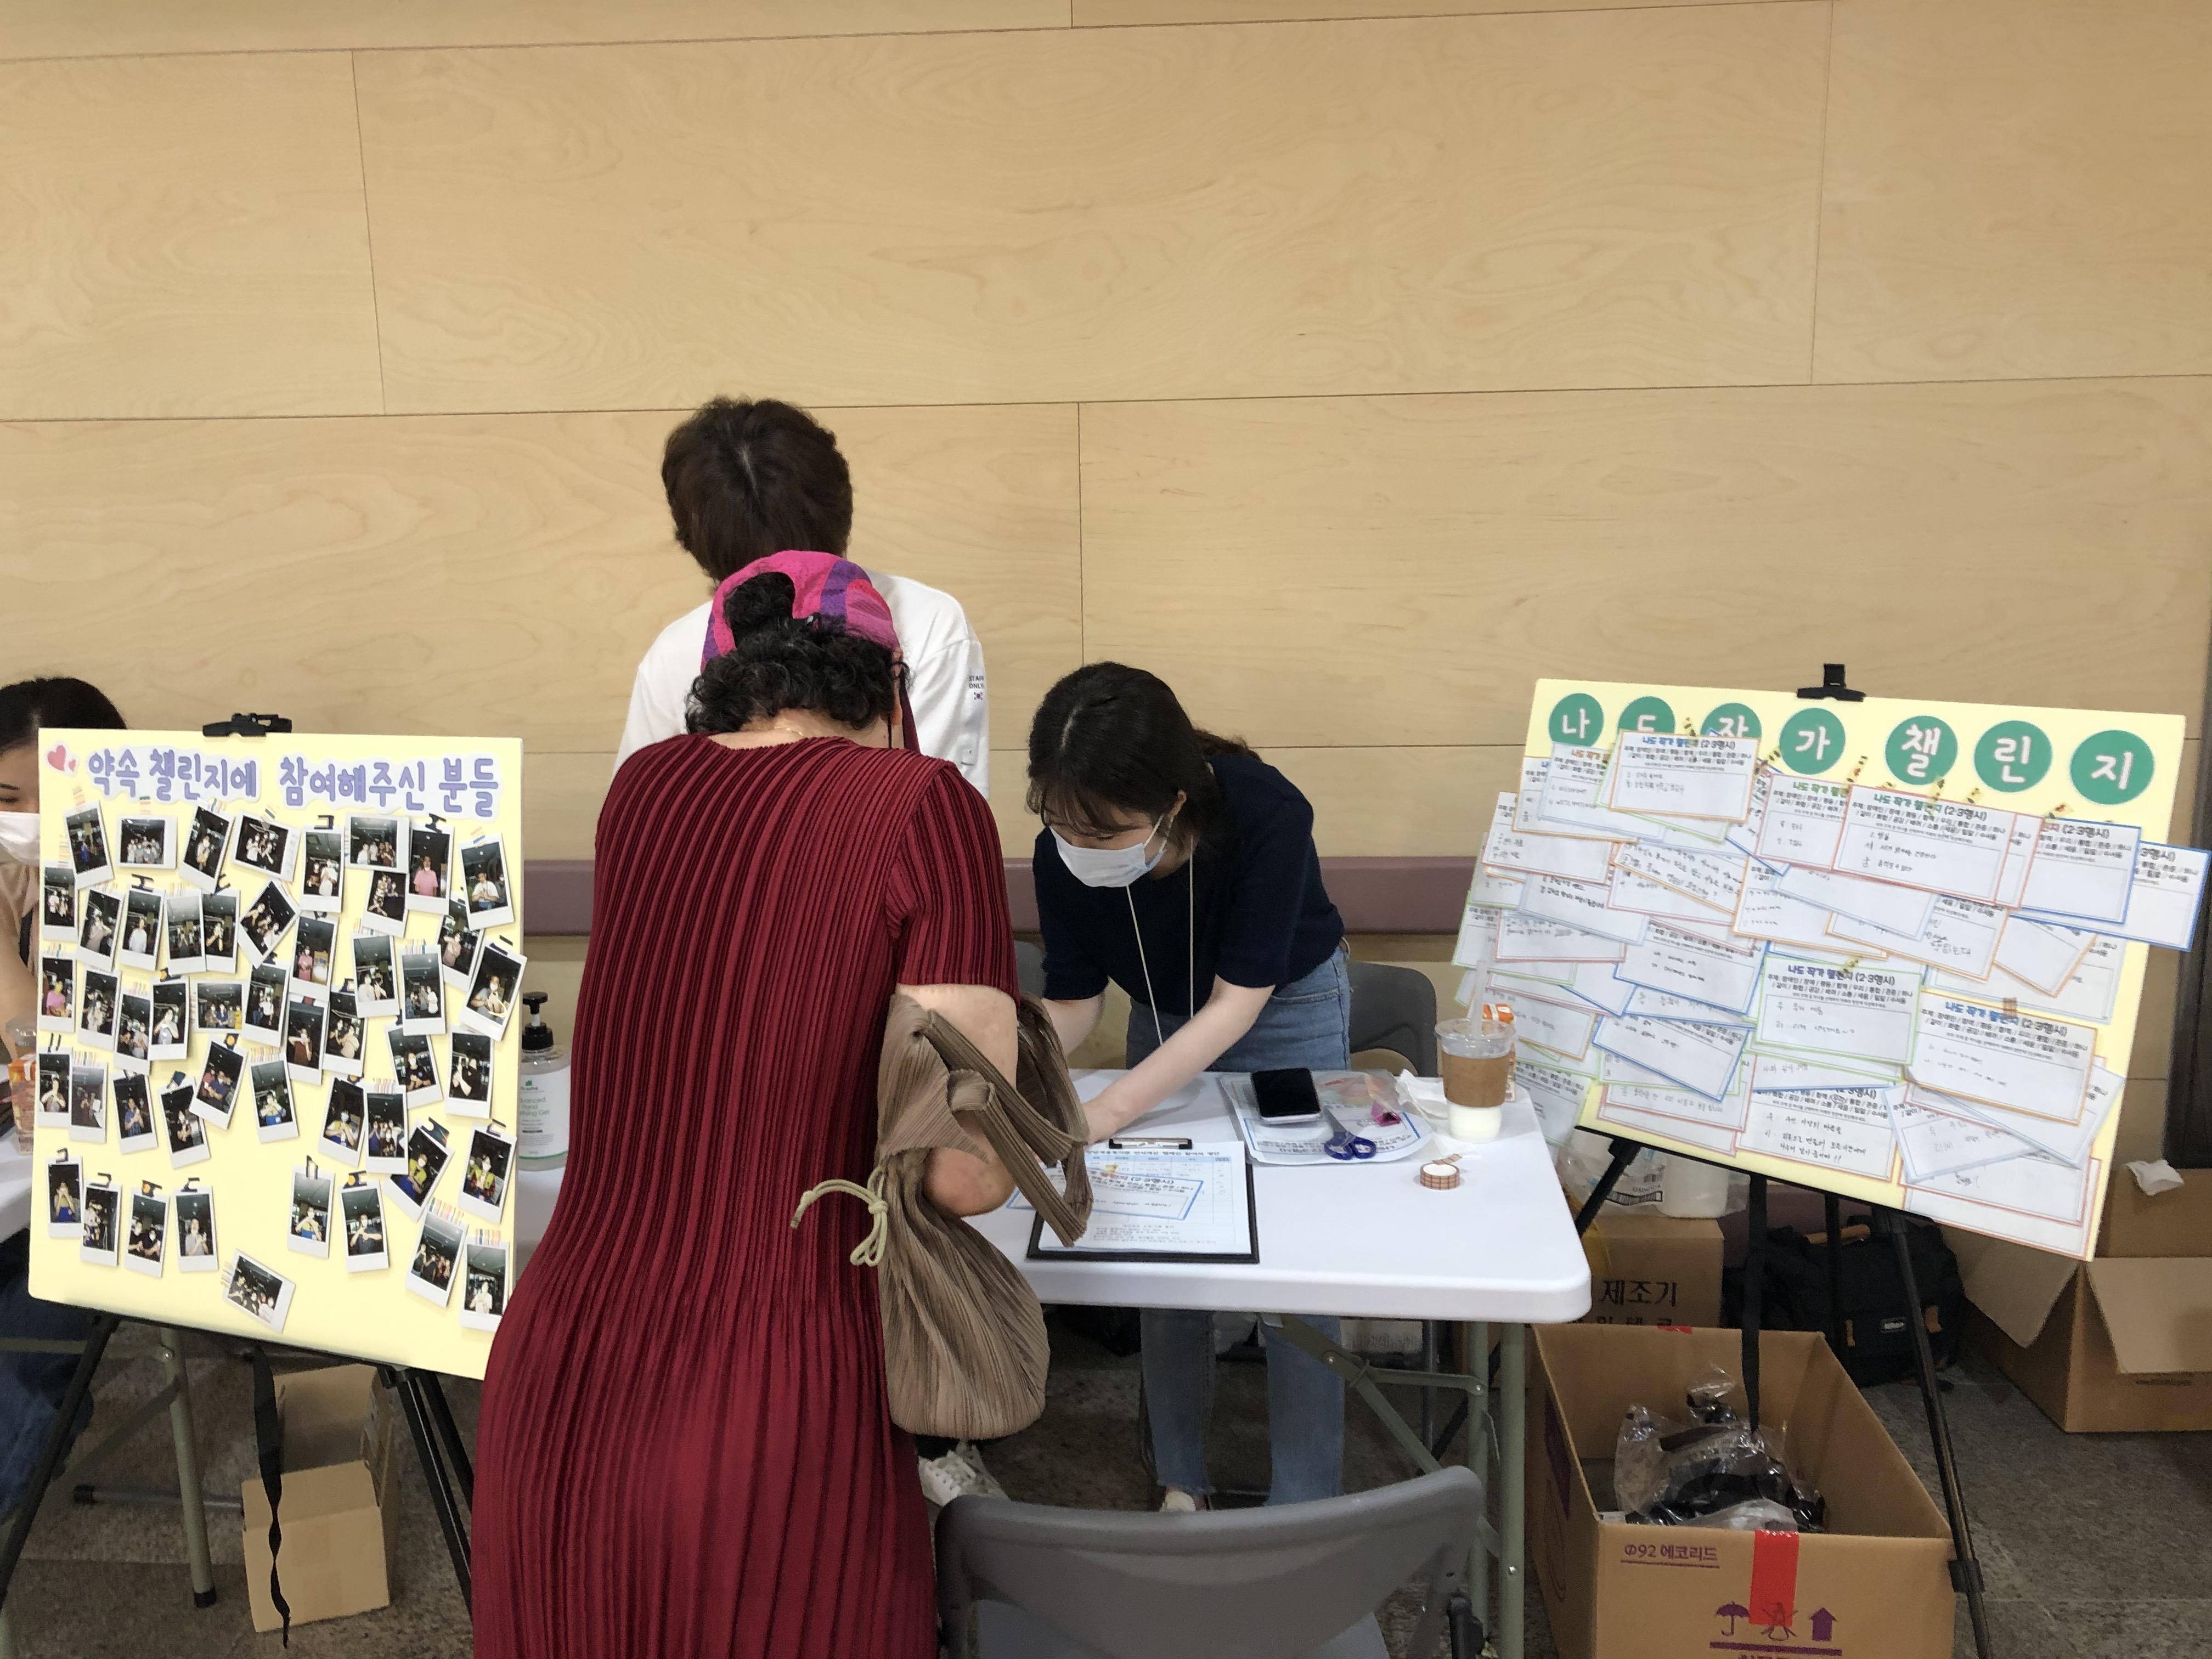 미미위강남세움센터의 첫 인식개선캠페인이 진행되었습니다!